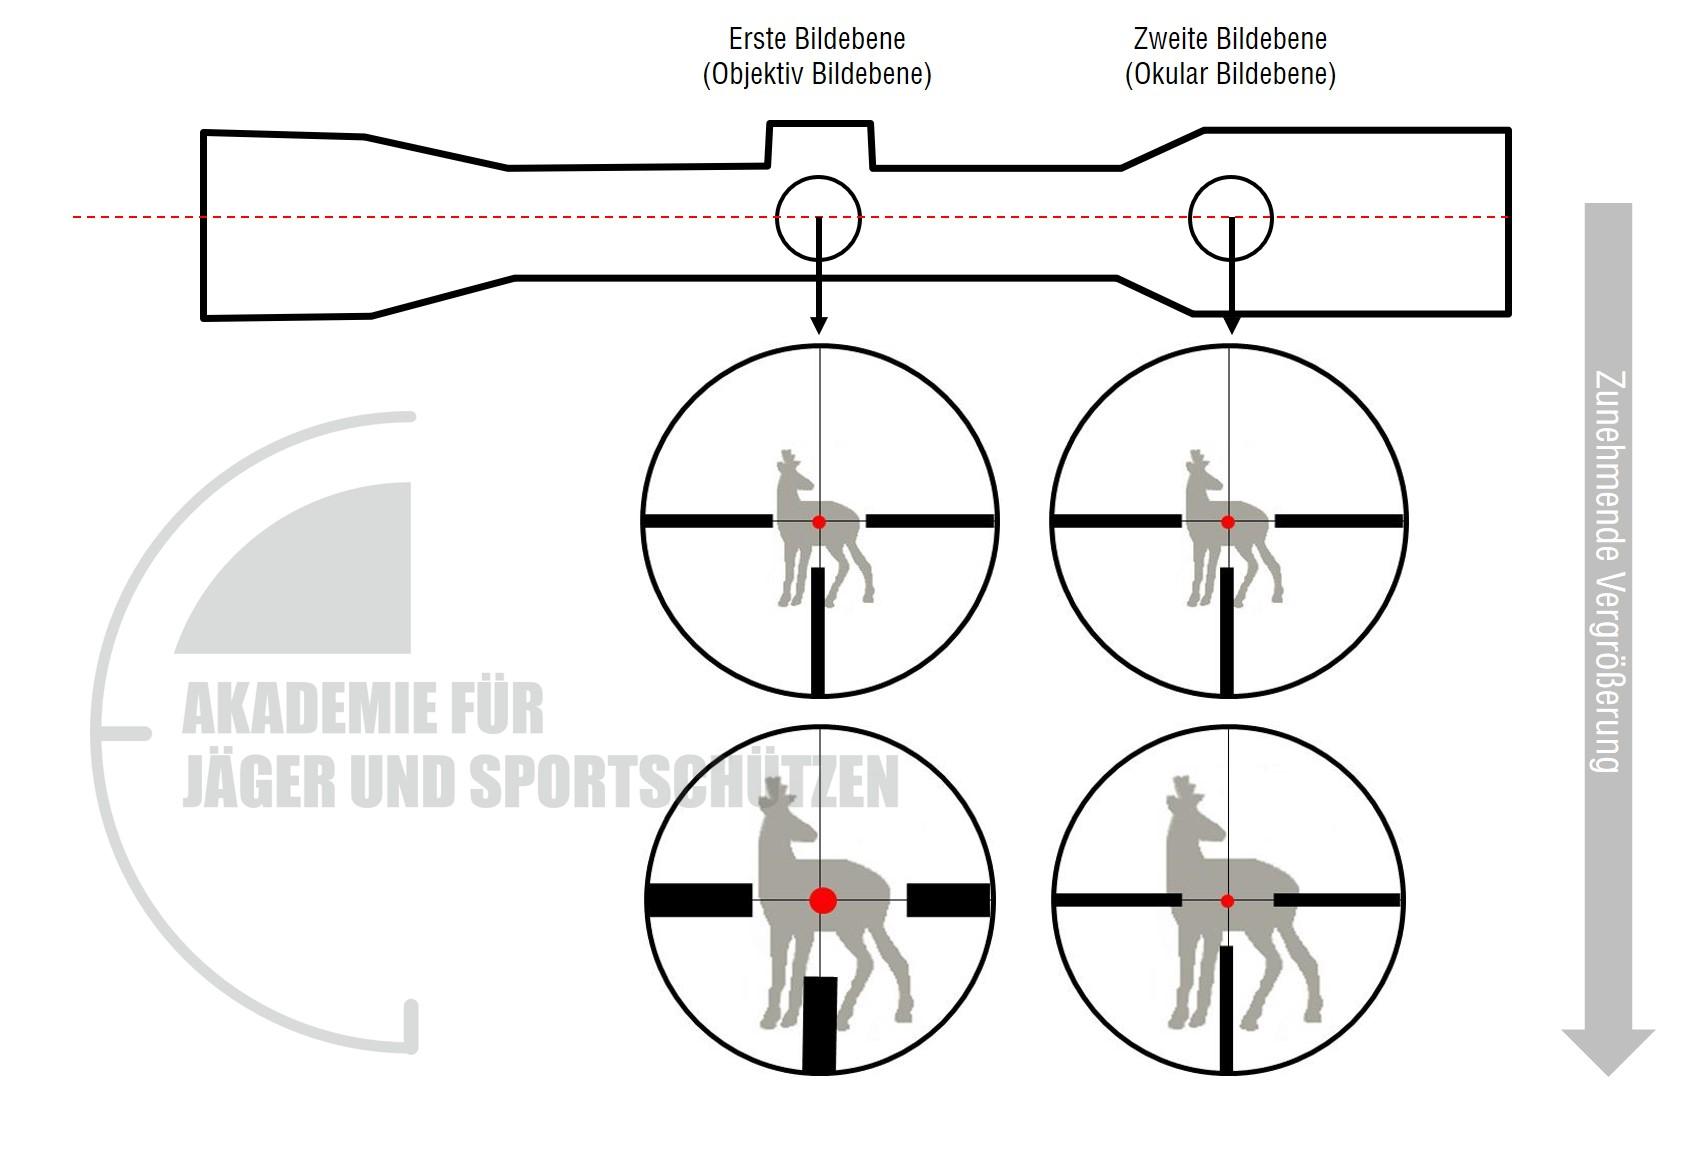 Absehenlage-Infografik